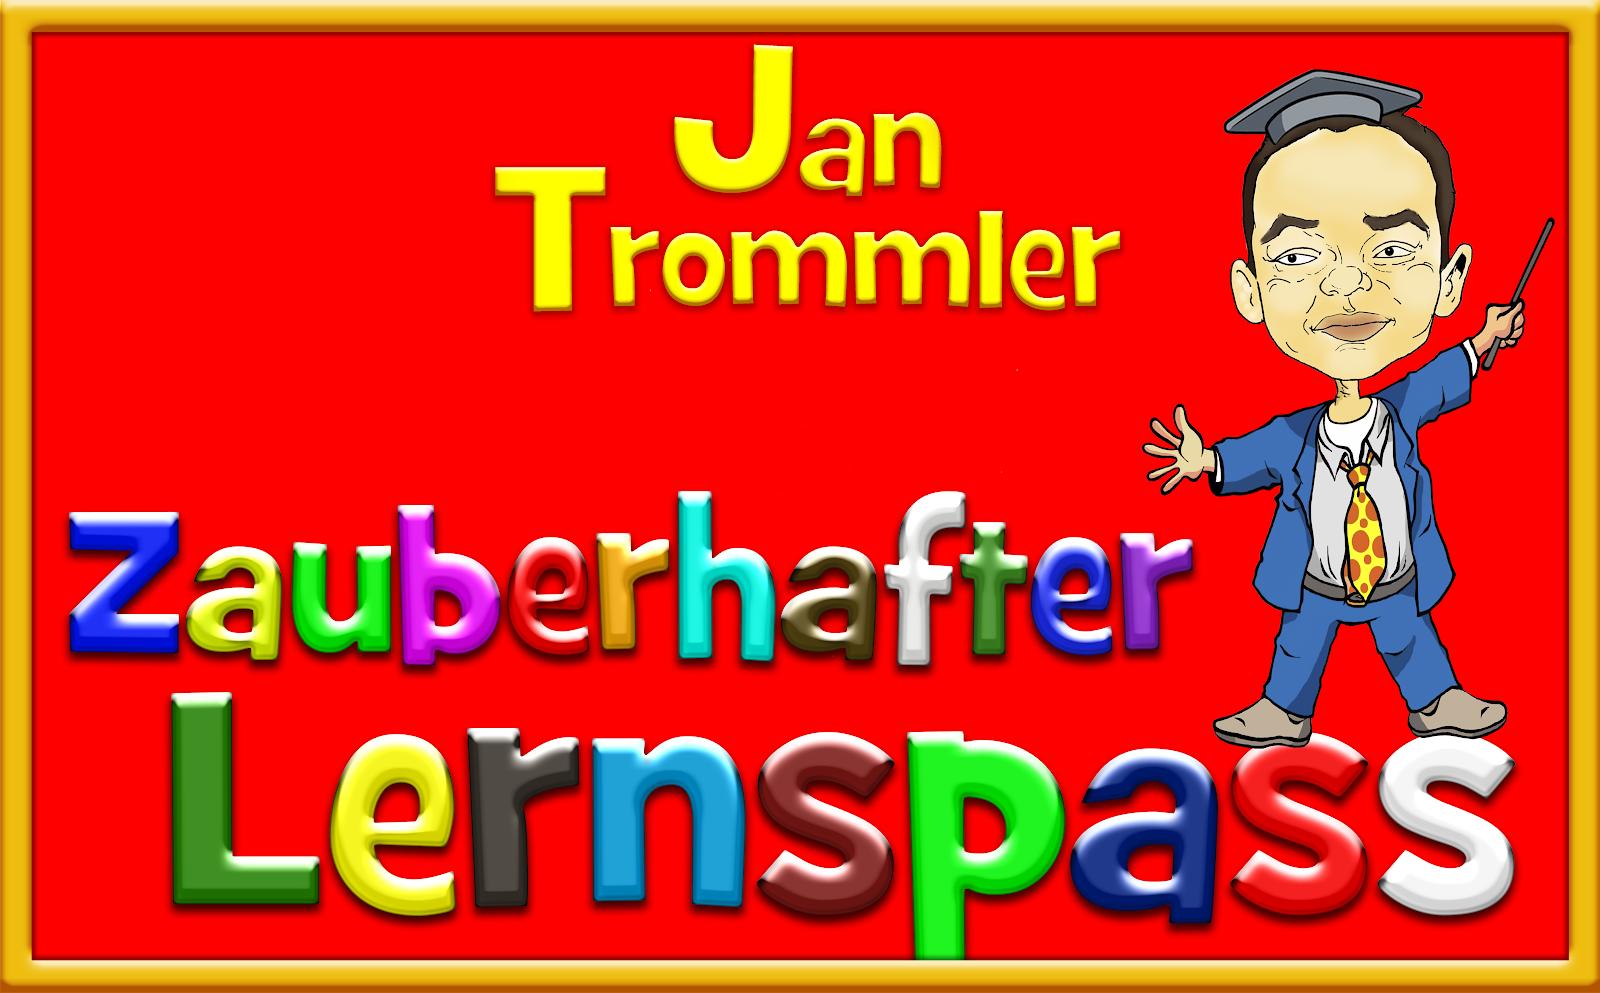 Verkehrszauberer Jan Trommler